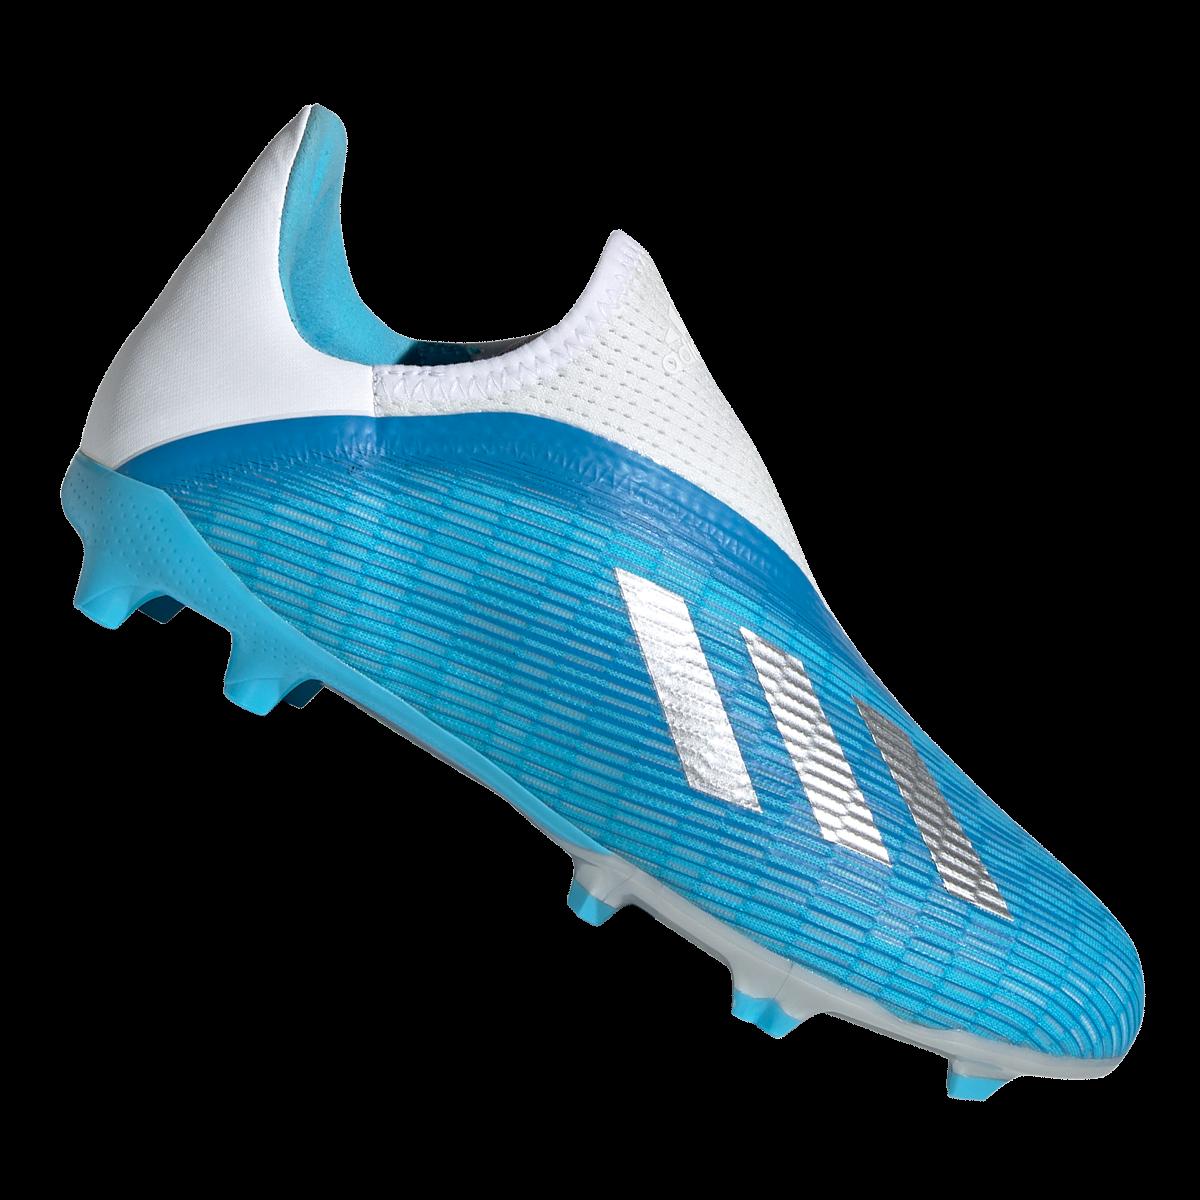 adidas voetbalschoenen voor kinderen X 19.3 LL FG J lichtblauwwit